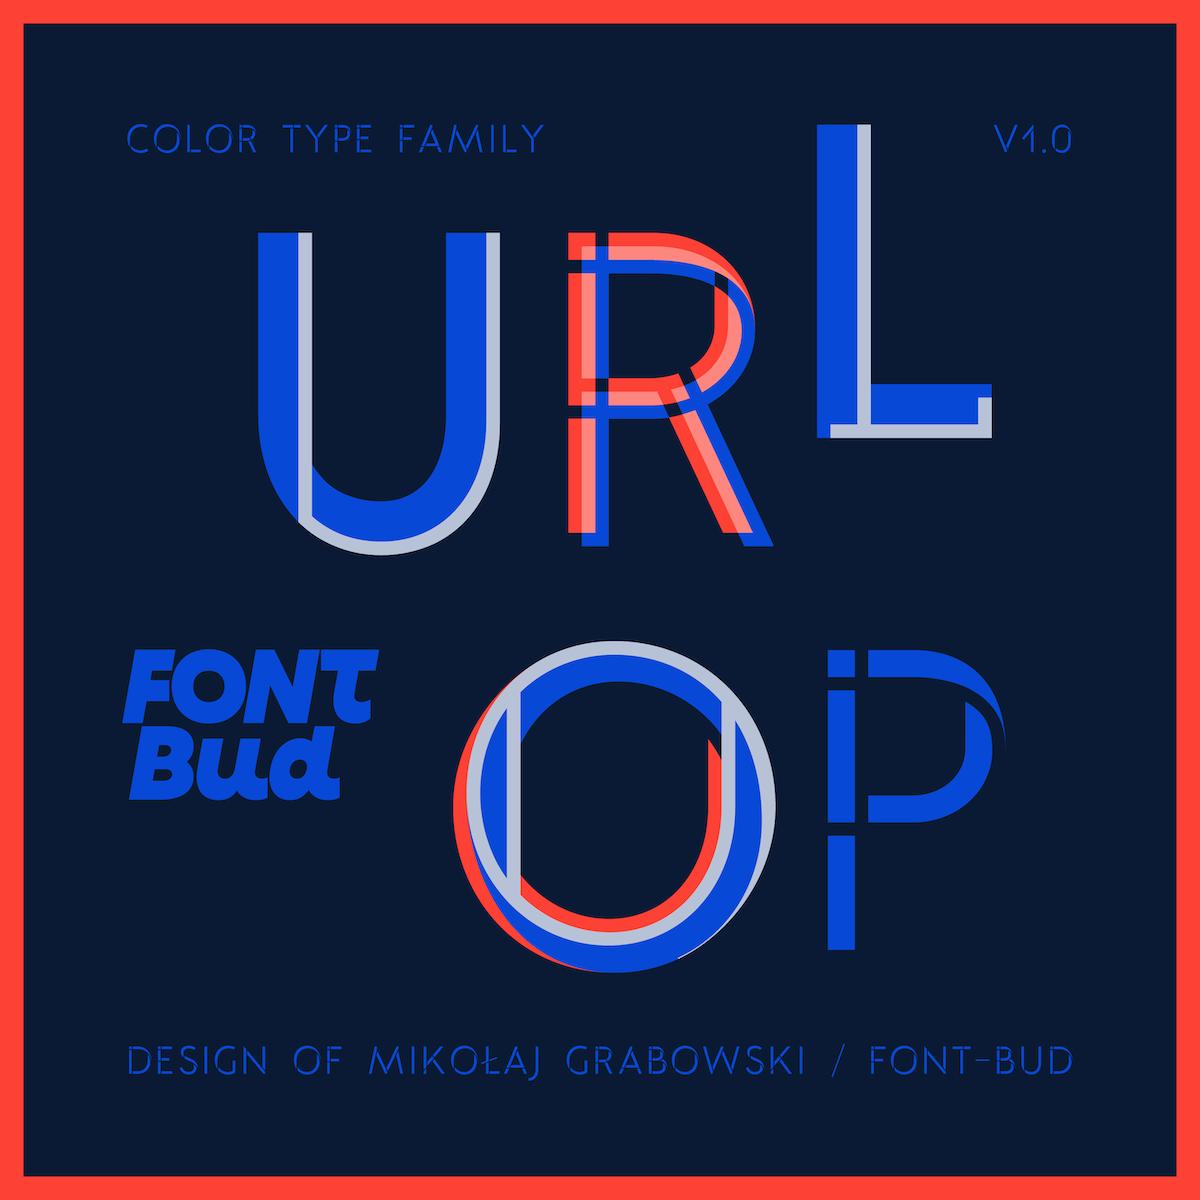 Urlop font family